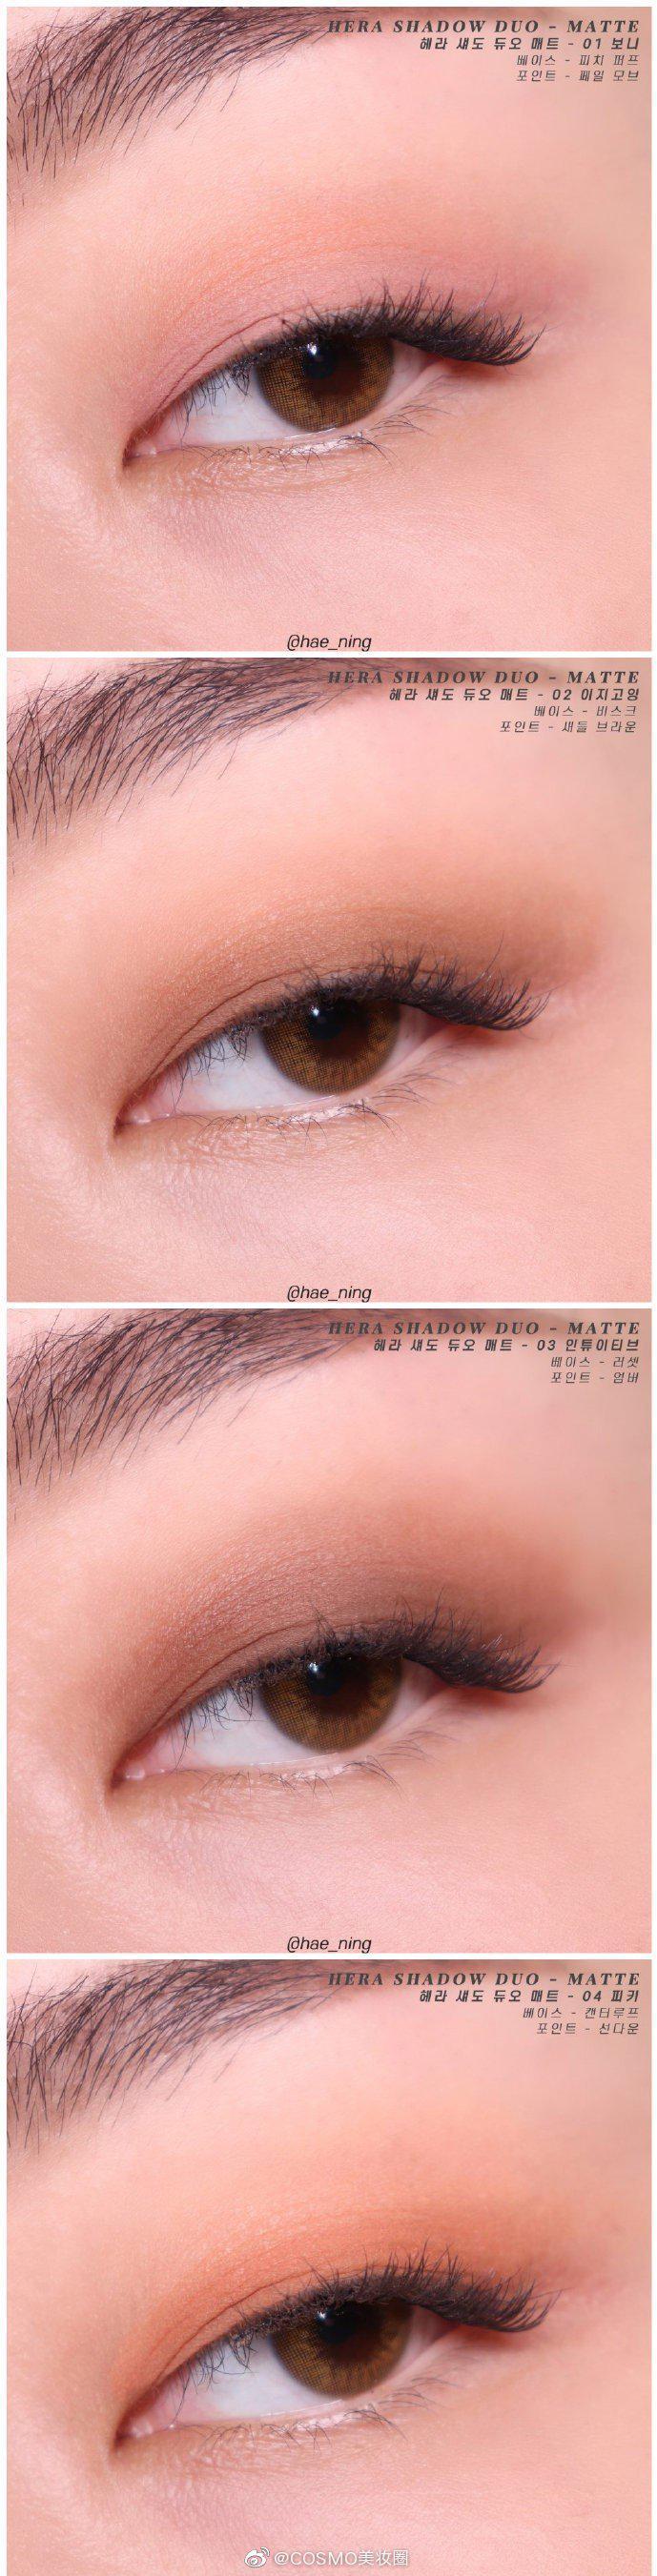 HERA双色眼影,全系列共发布了12个色号,拥有哑光,缎面……